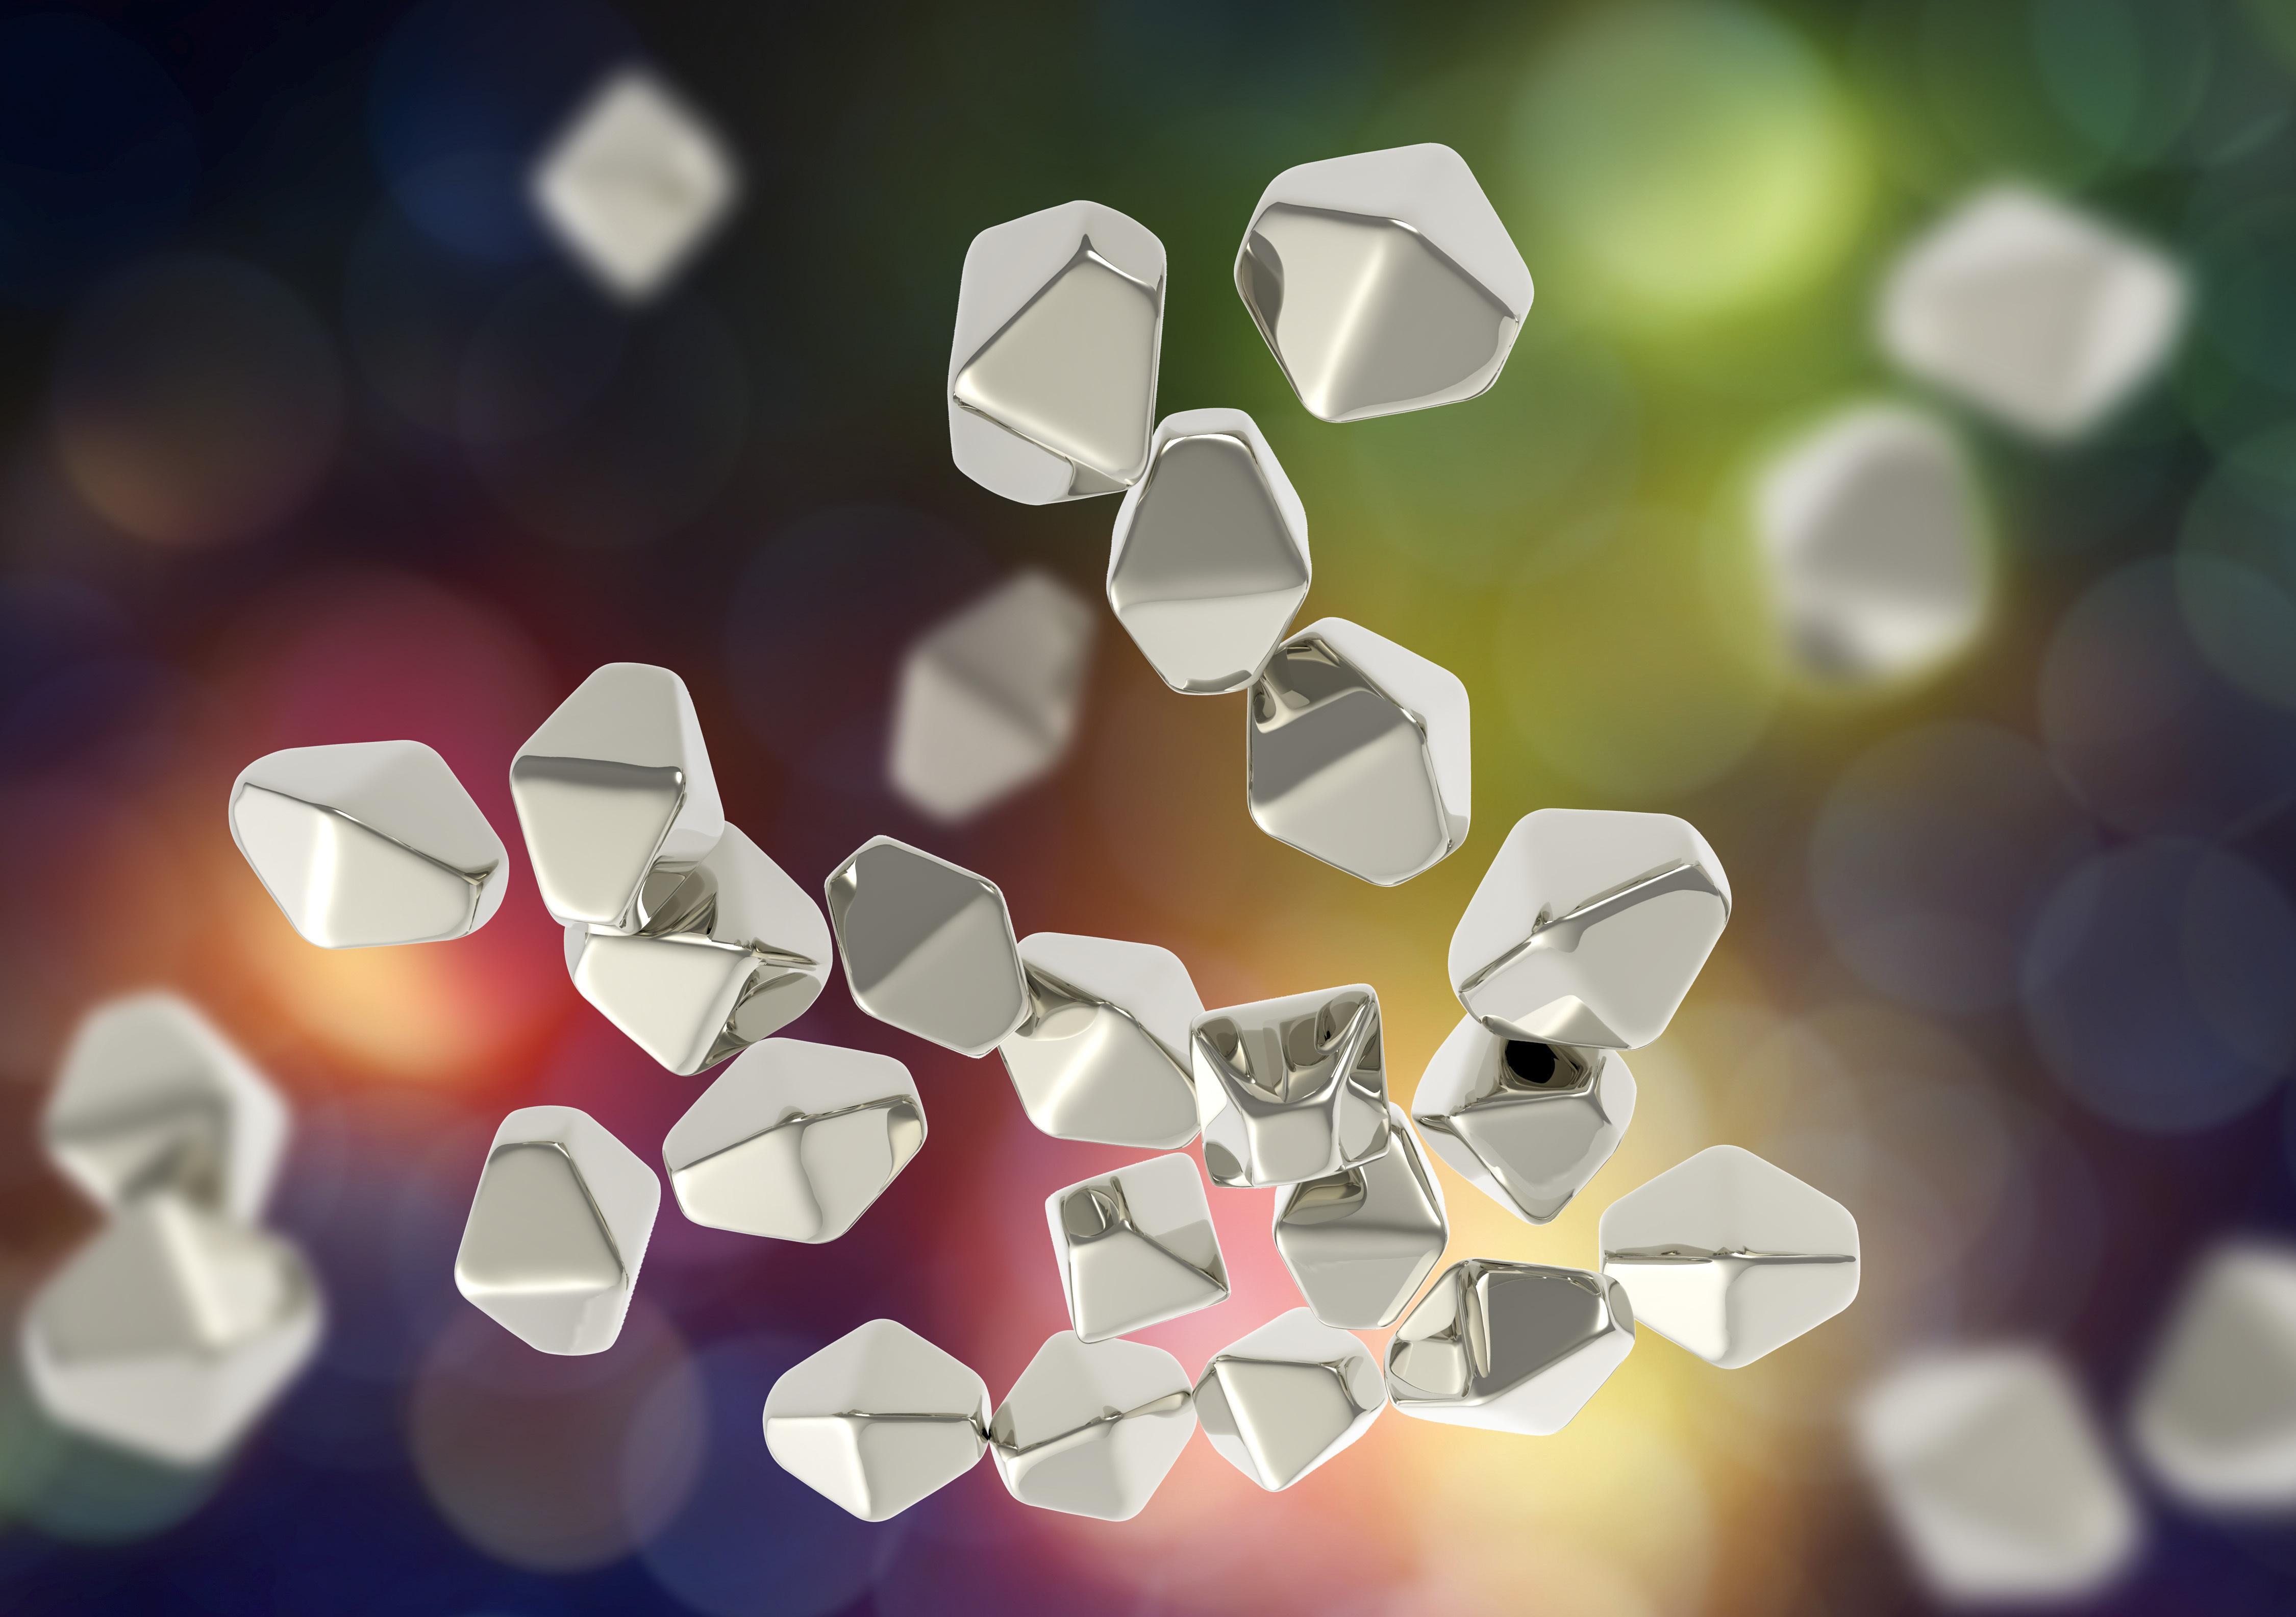 Антираковые наночастицы усовершенствовали немагнитным покрытием